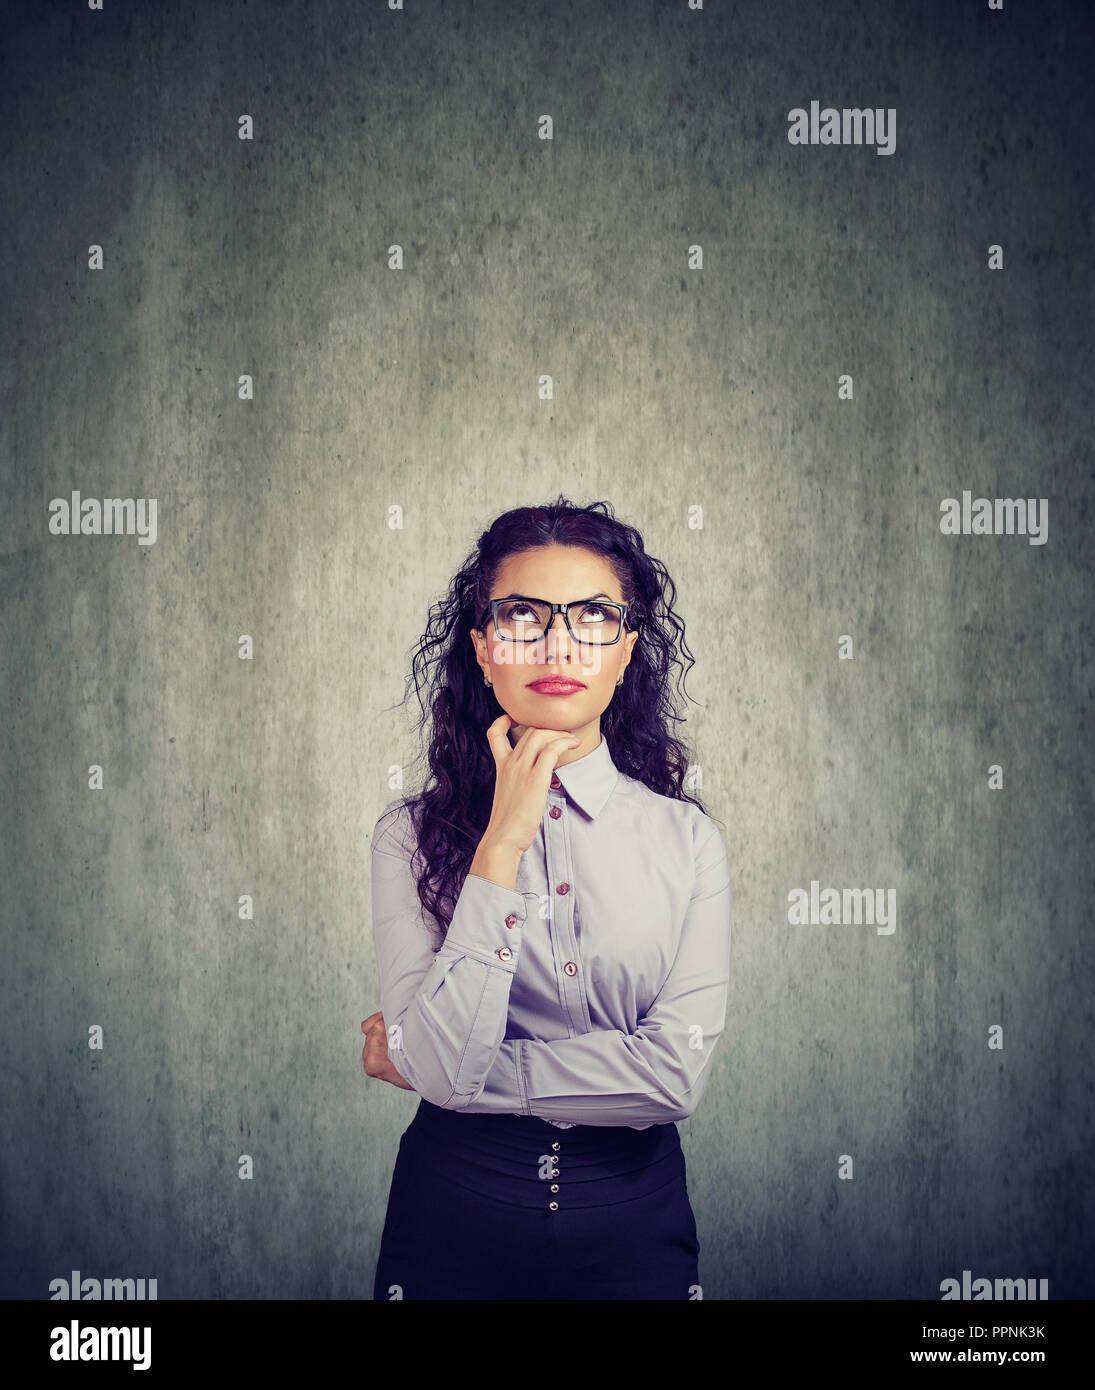 Jeune femme brune à lunettes à la recherche jusqu'à la contemplation sur fond gris Photo Stock